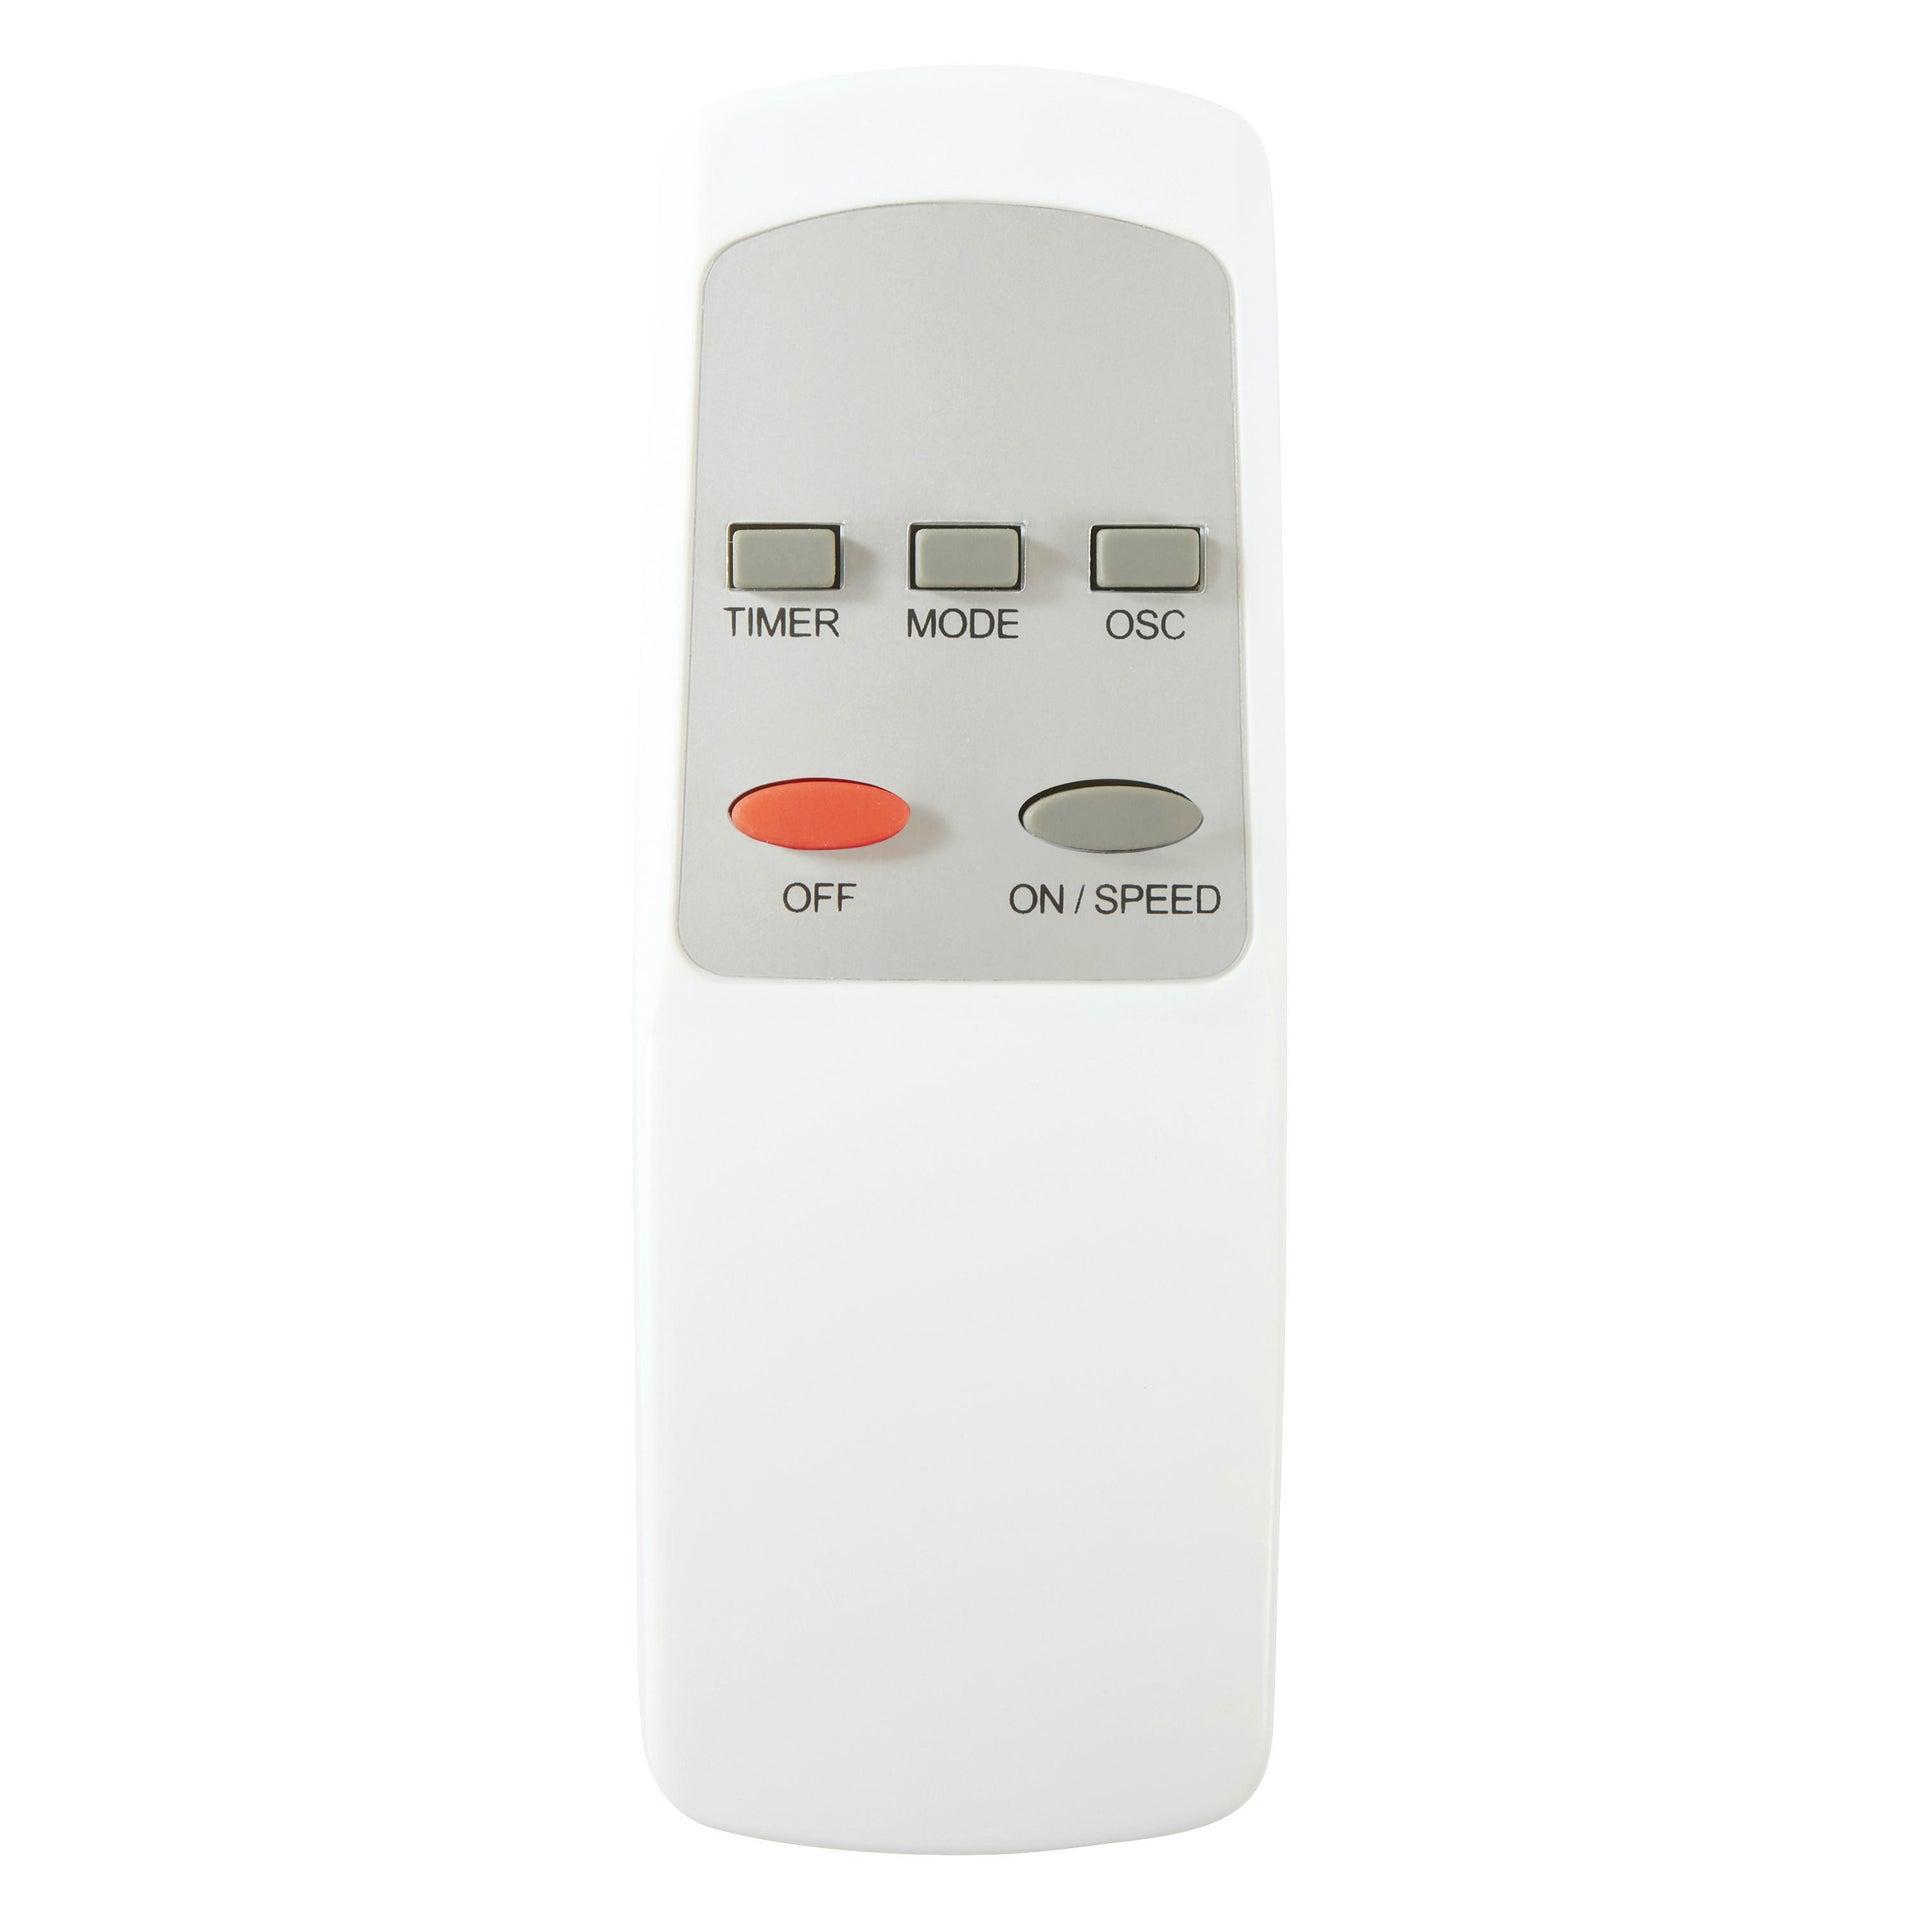 Ventilatore a parete EQUATION TX-1610R1 silver argento 55 W Ø 40 cm - 2